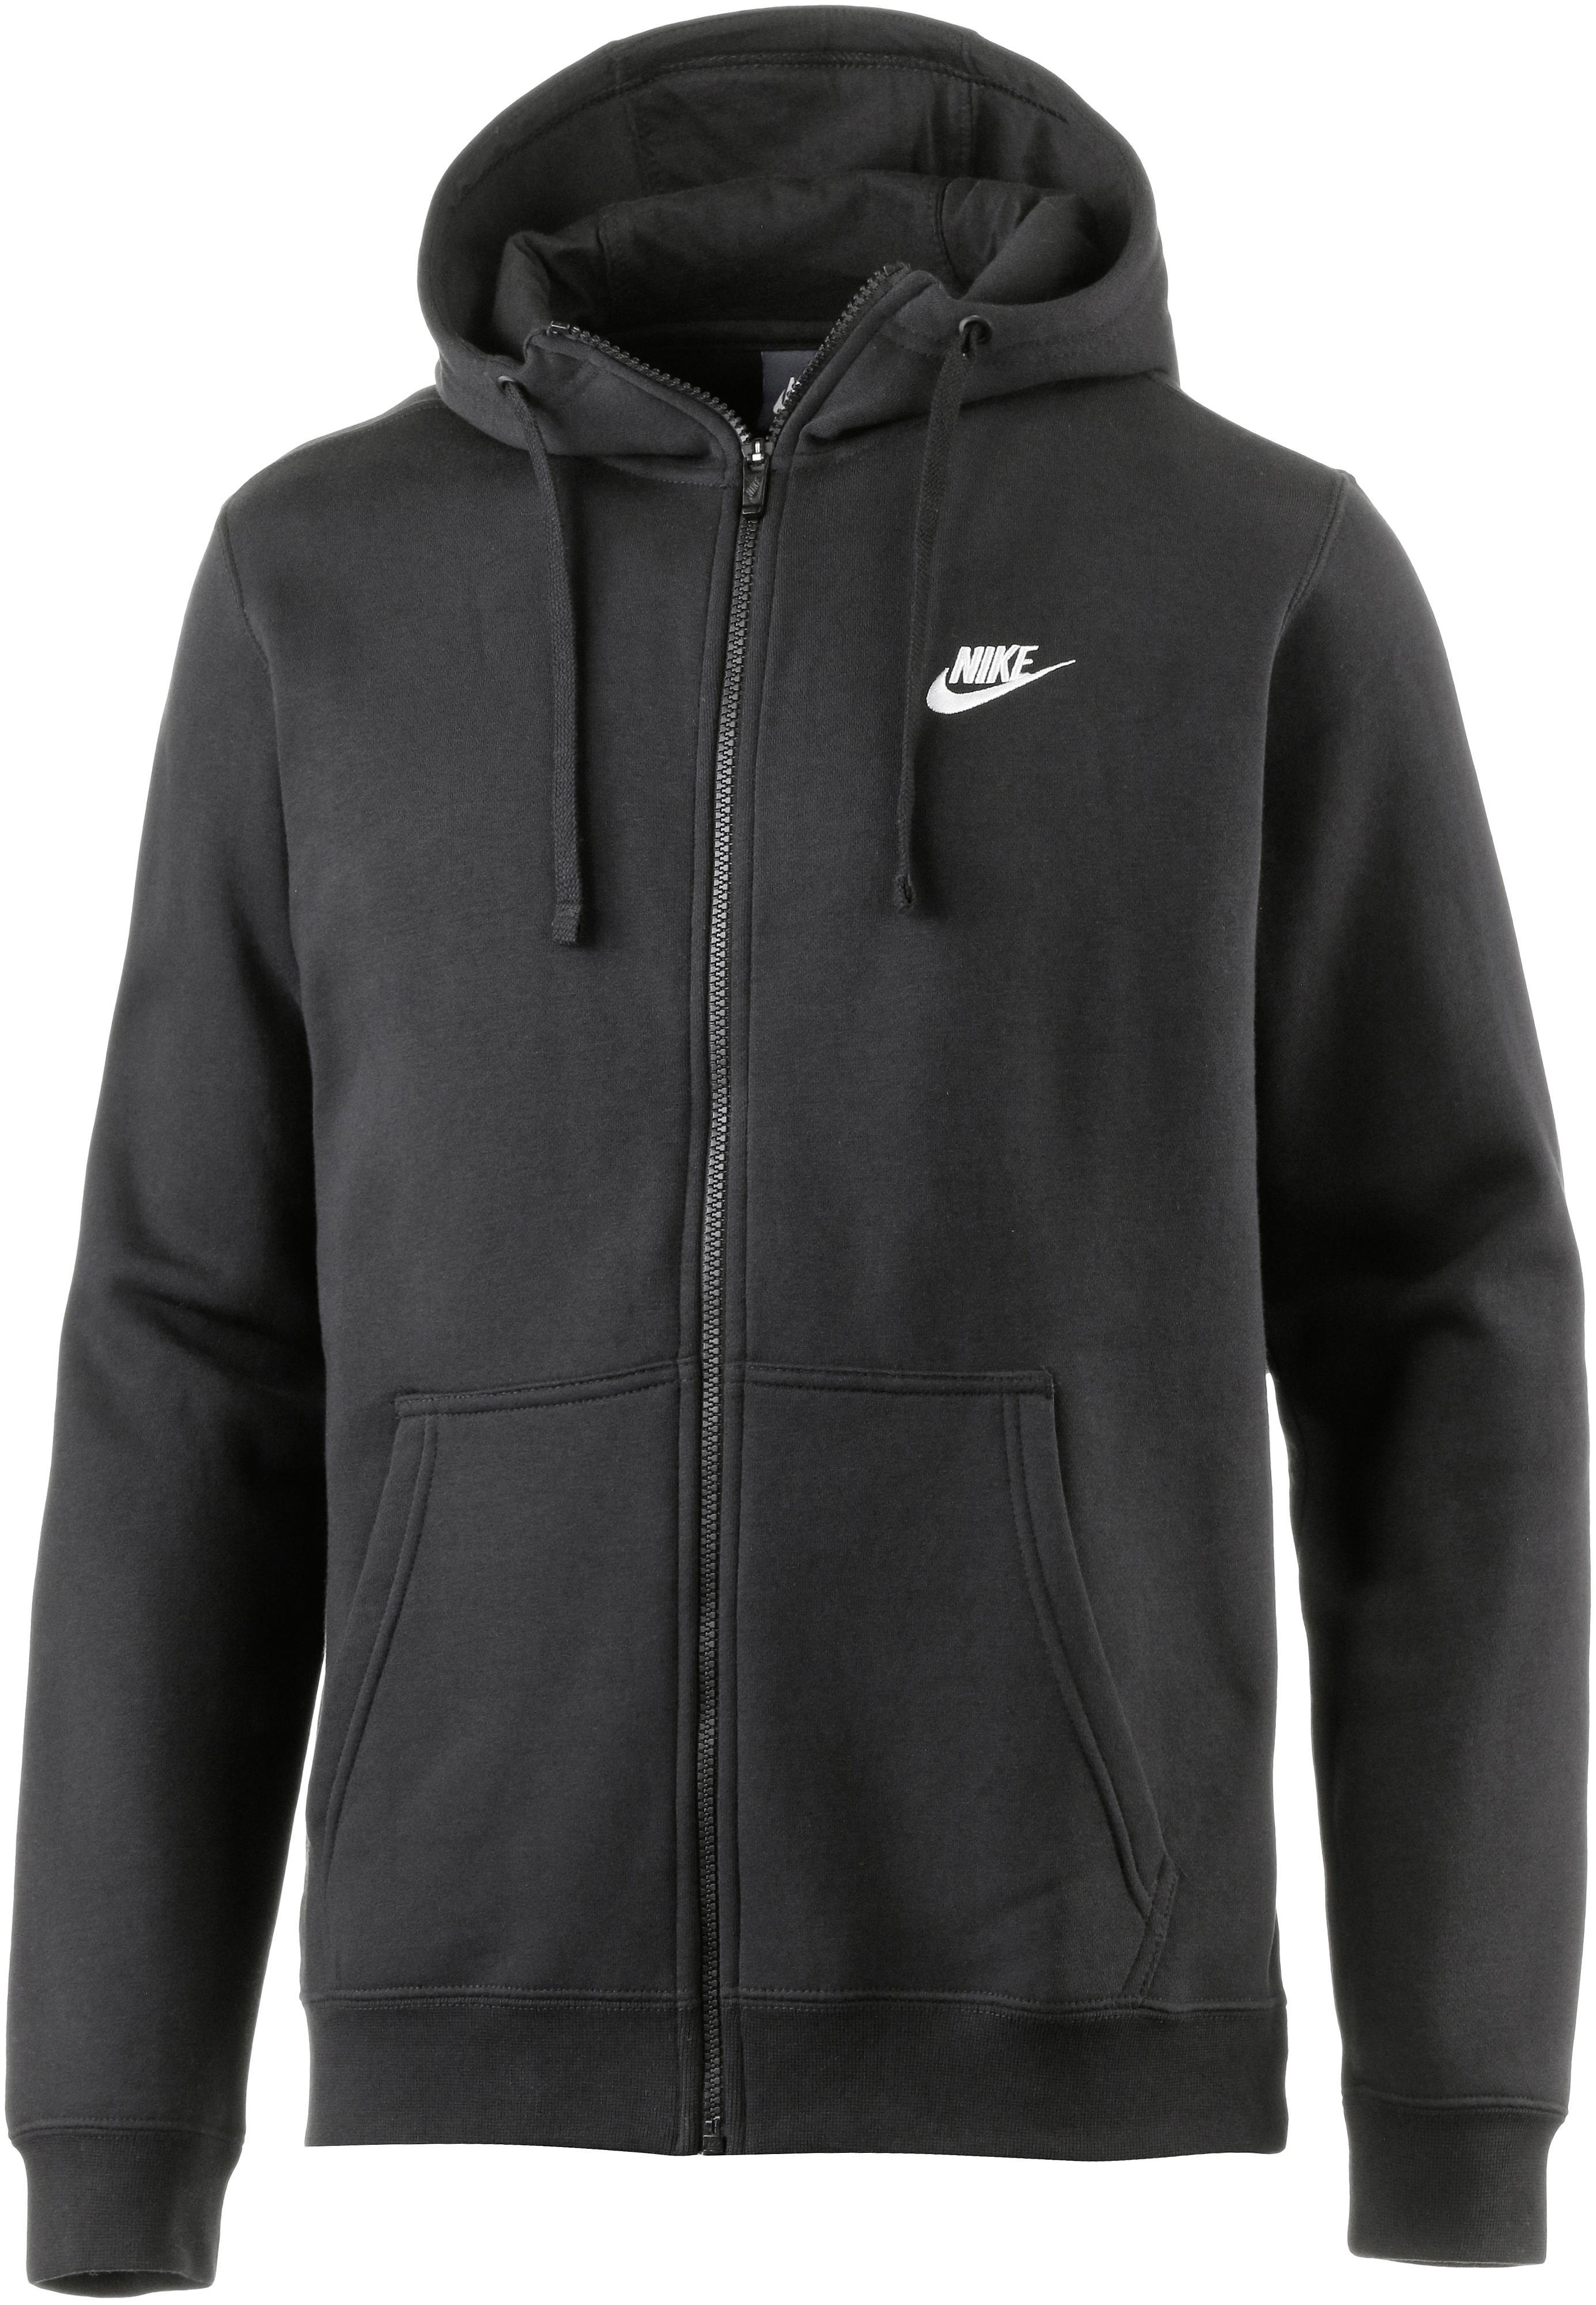 Nike winterjacke reduziert